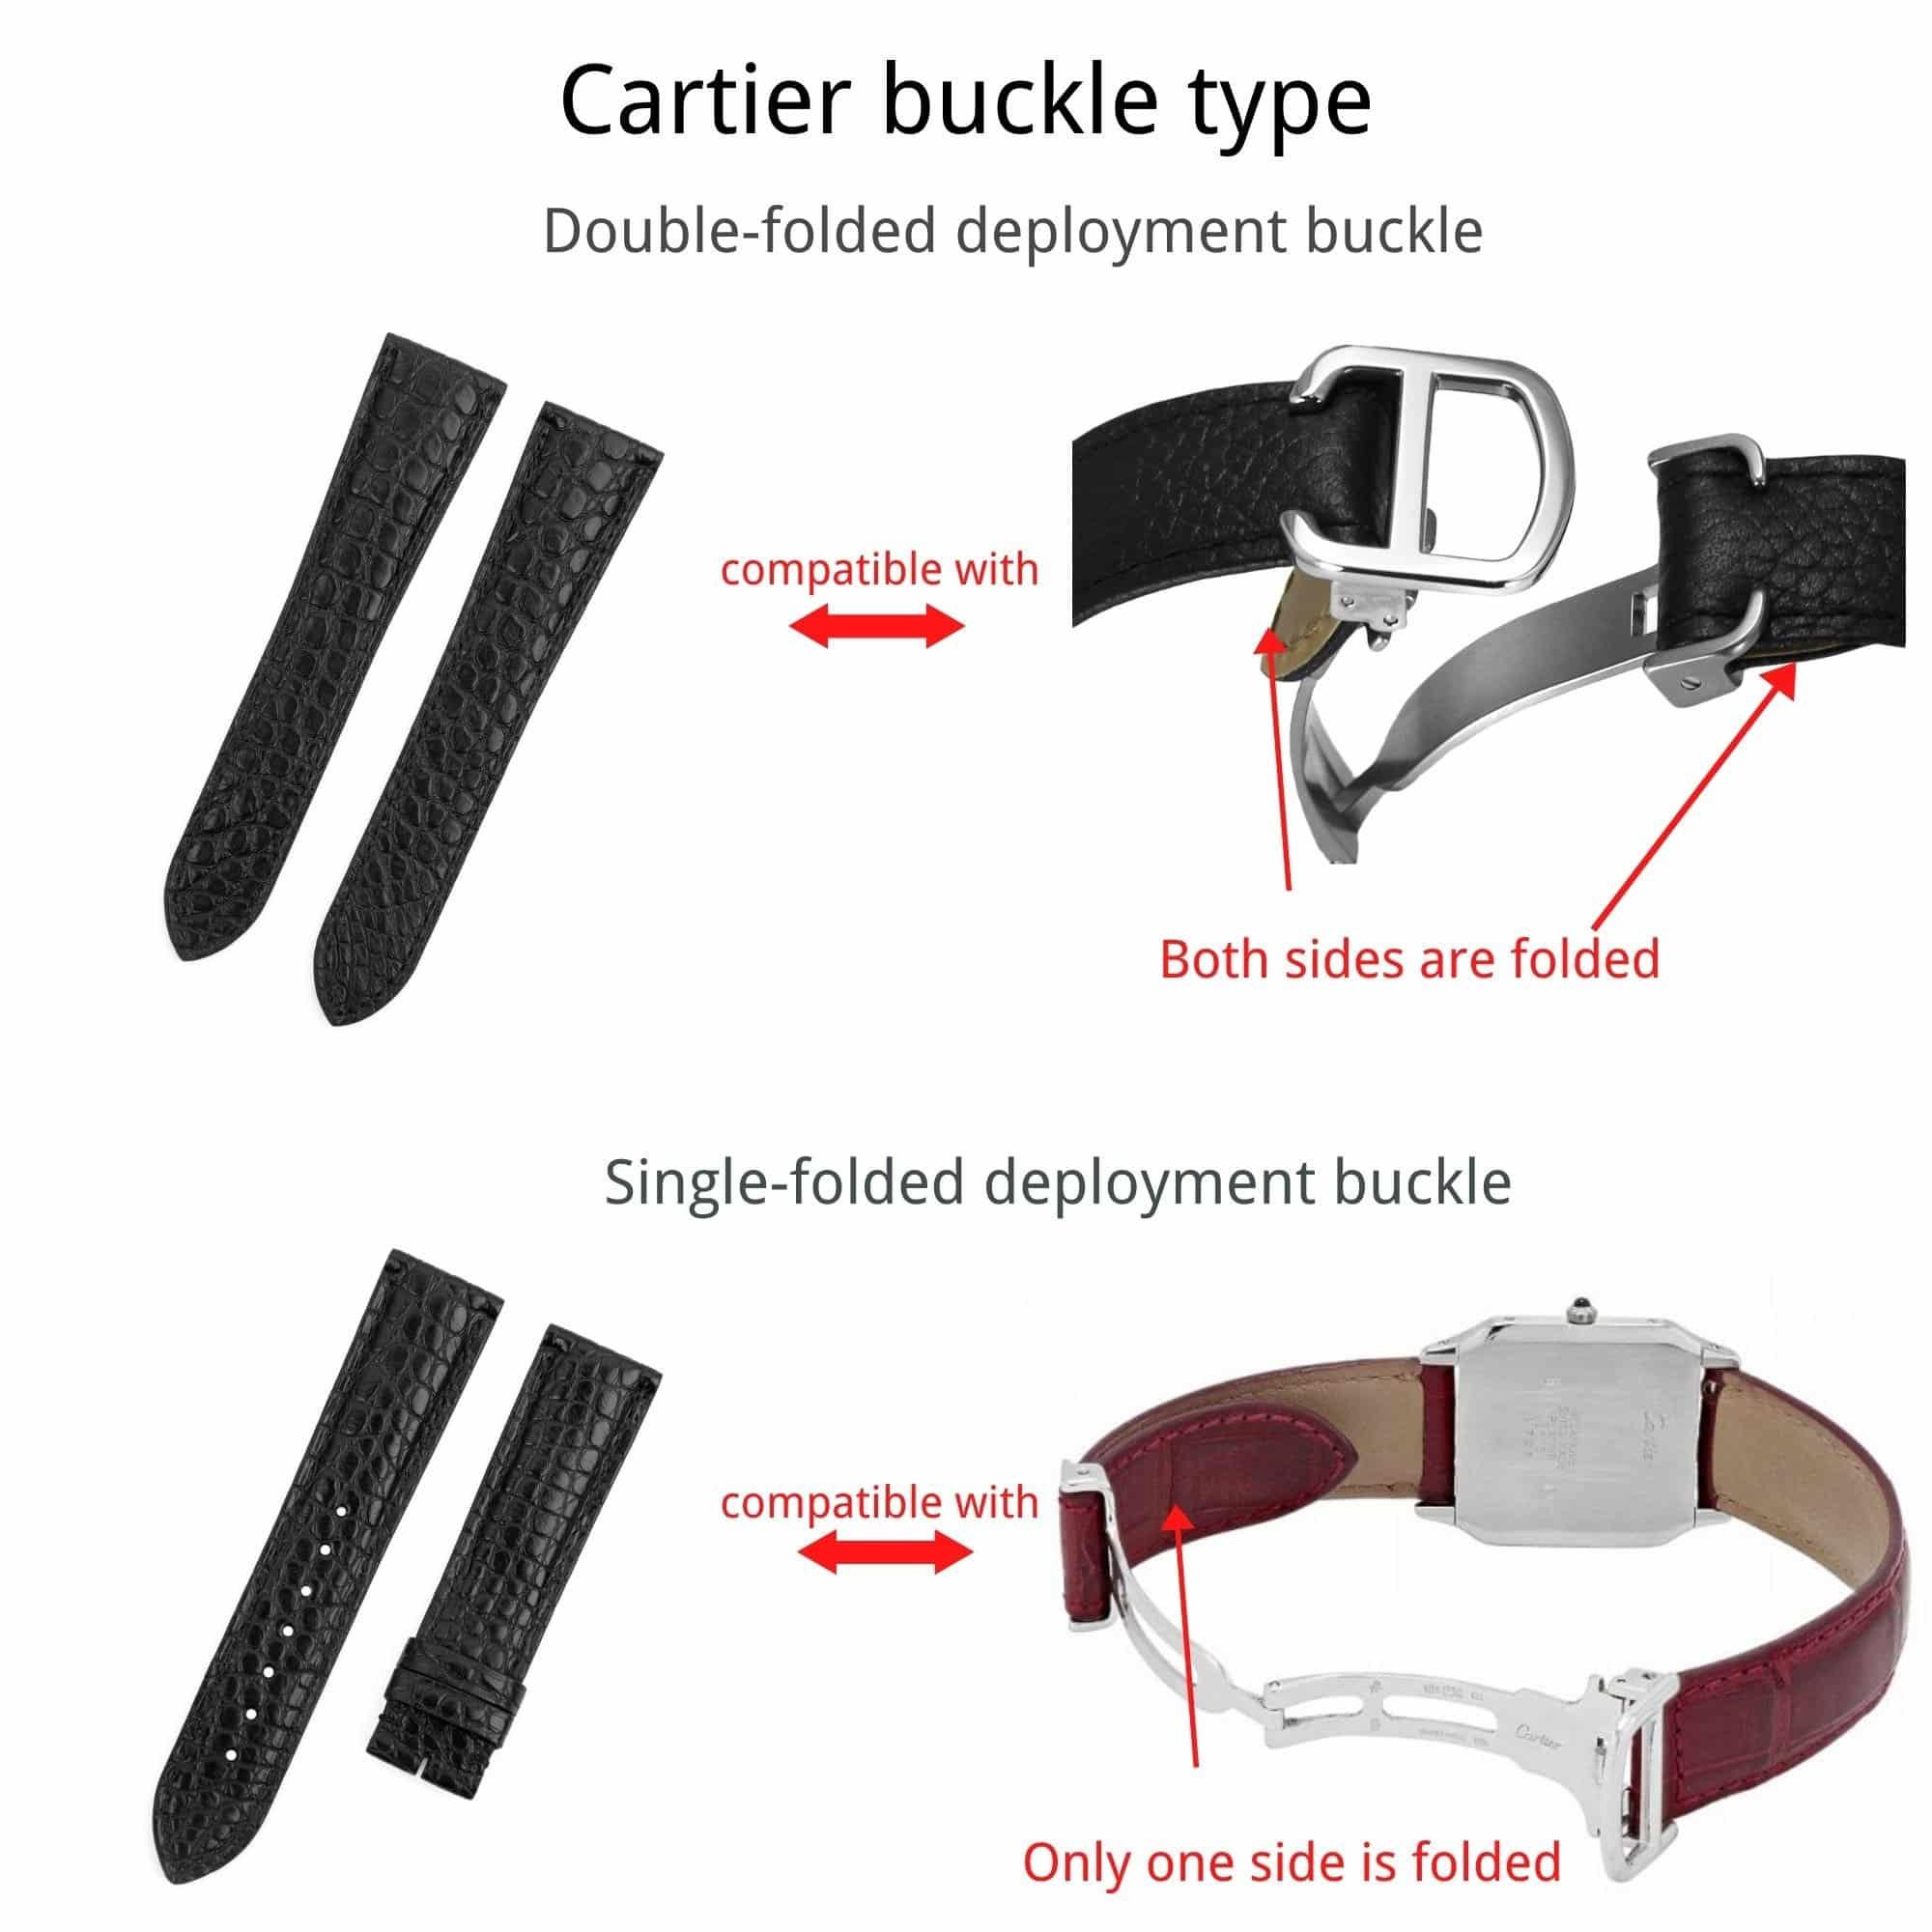 Cartier Buckle type